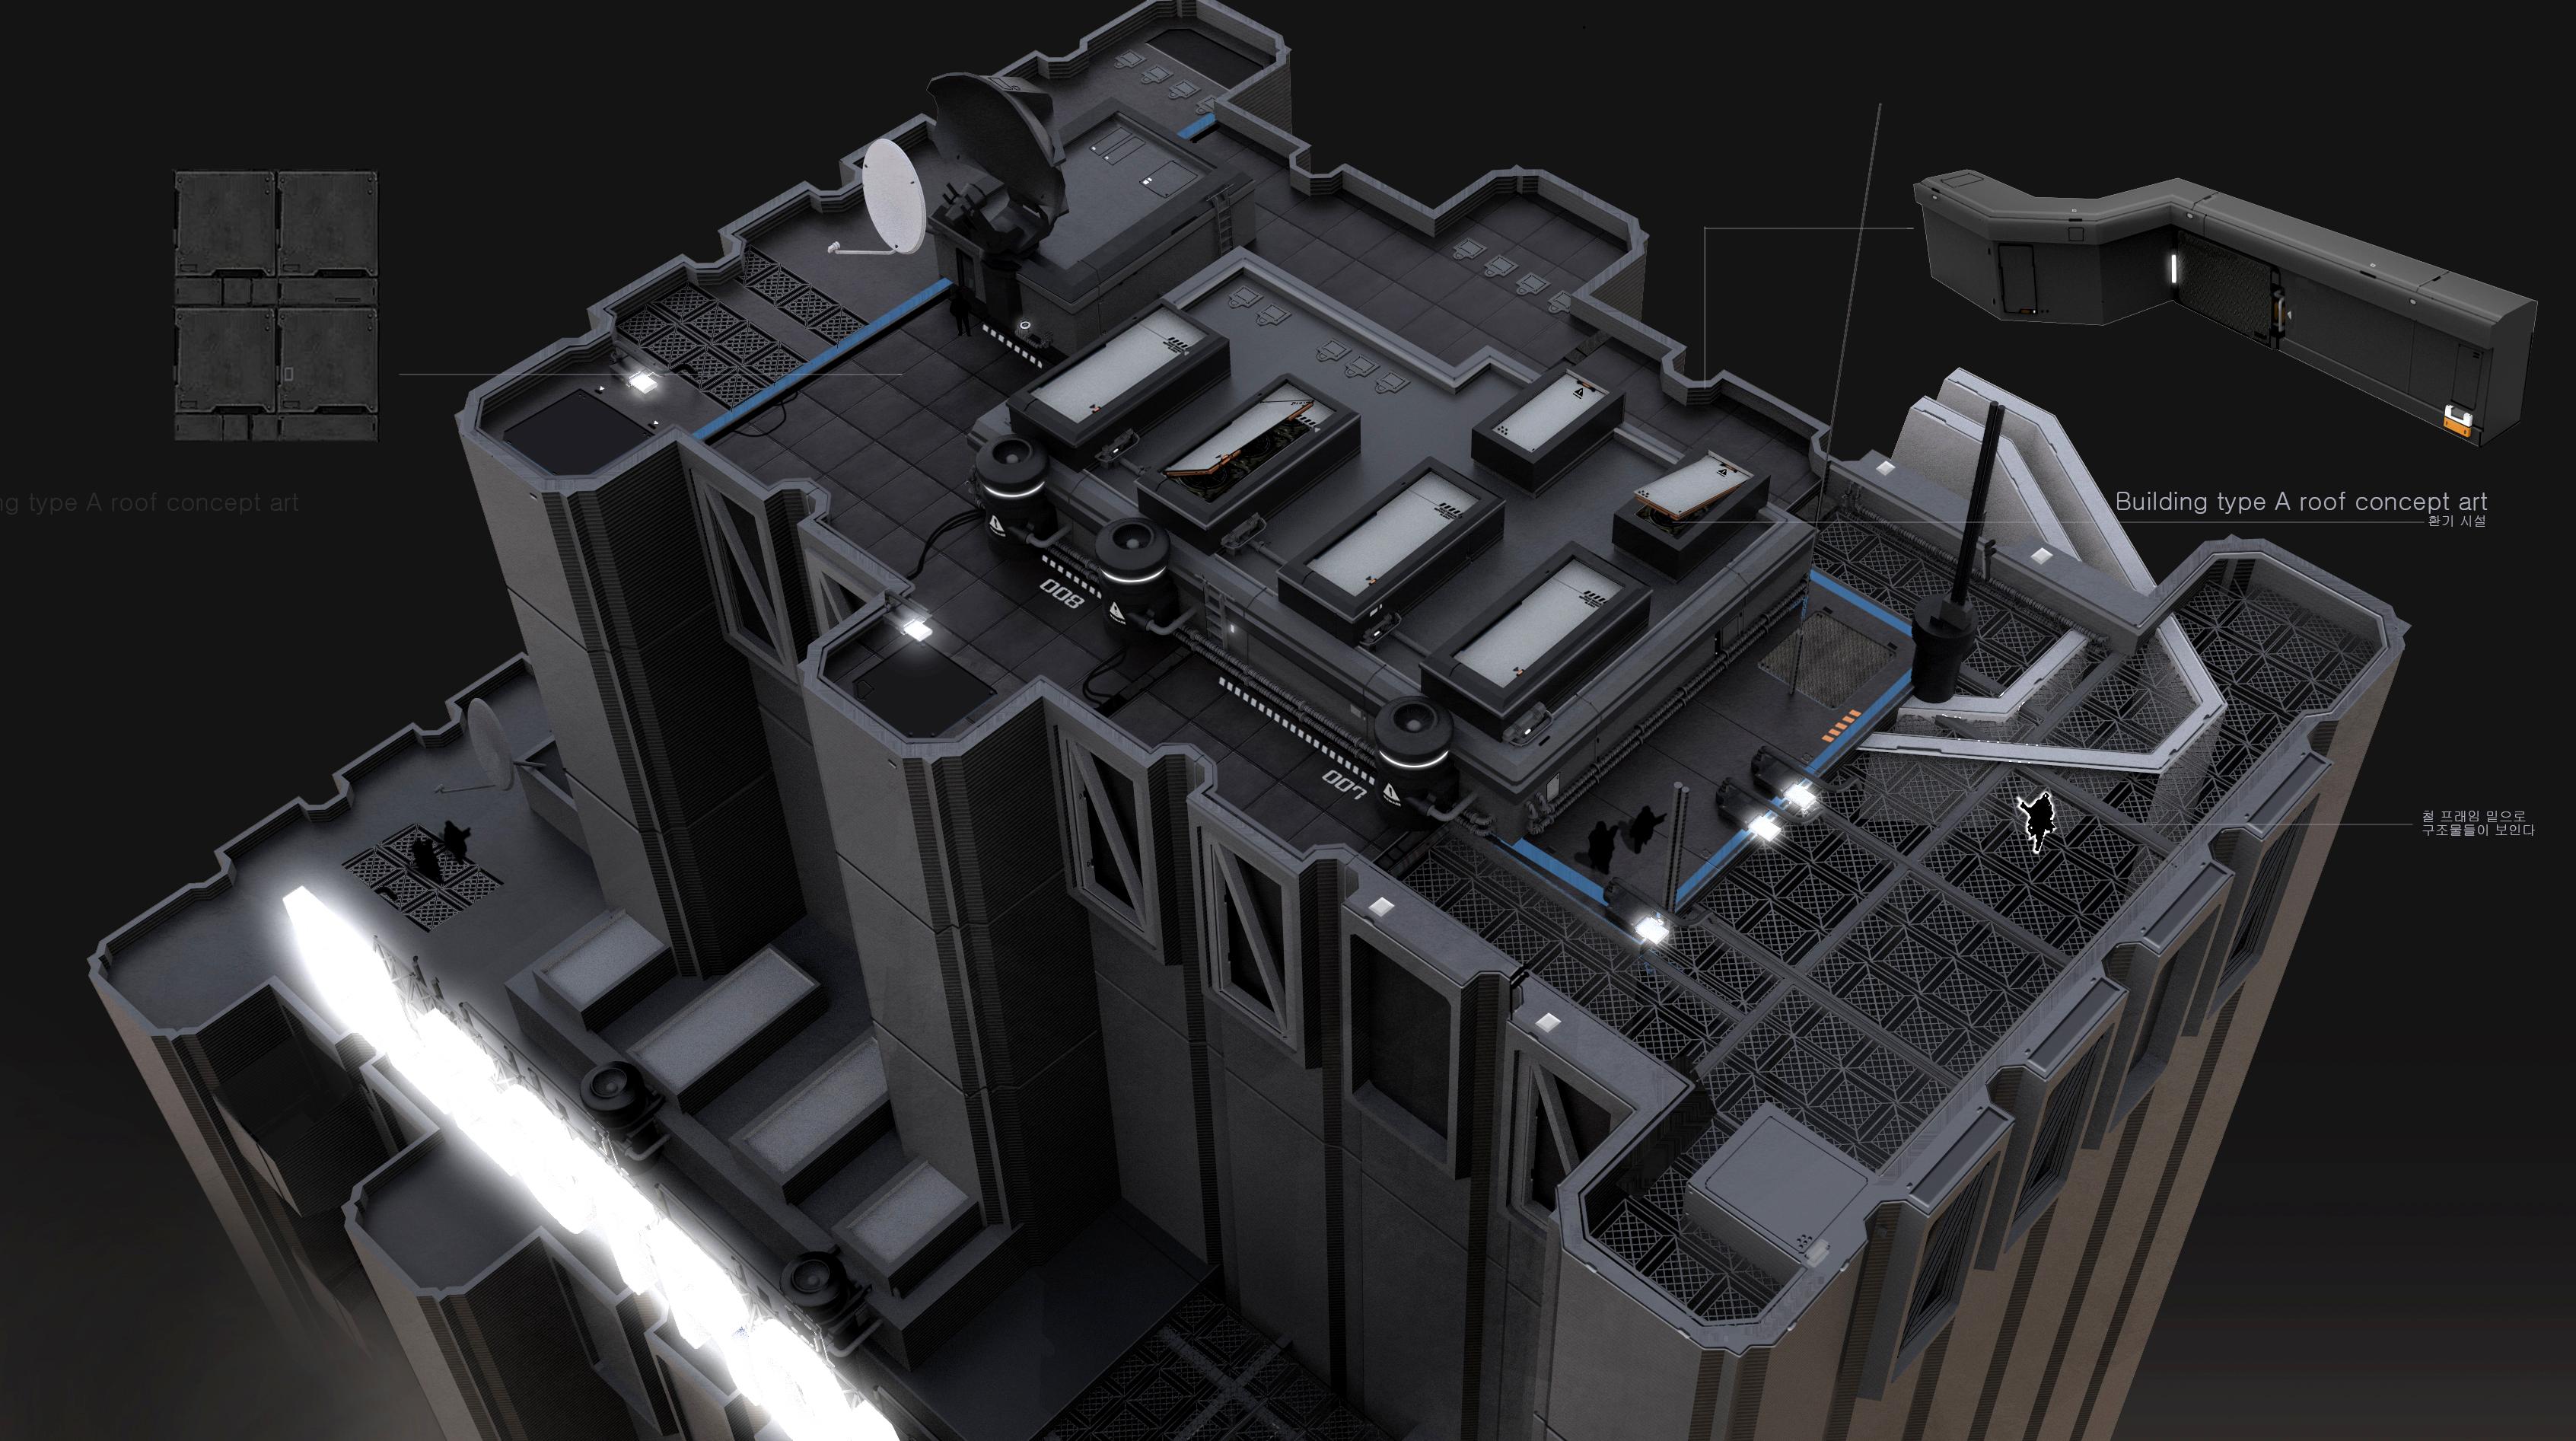 1건물 TYPE A 옥상